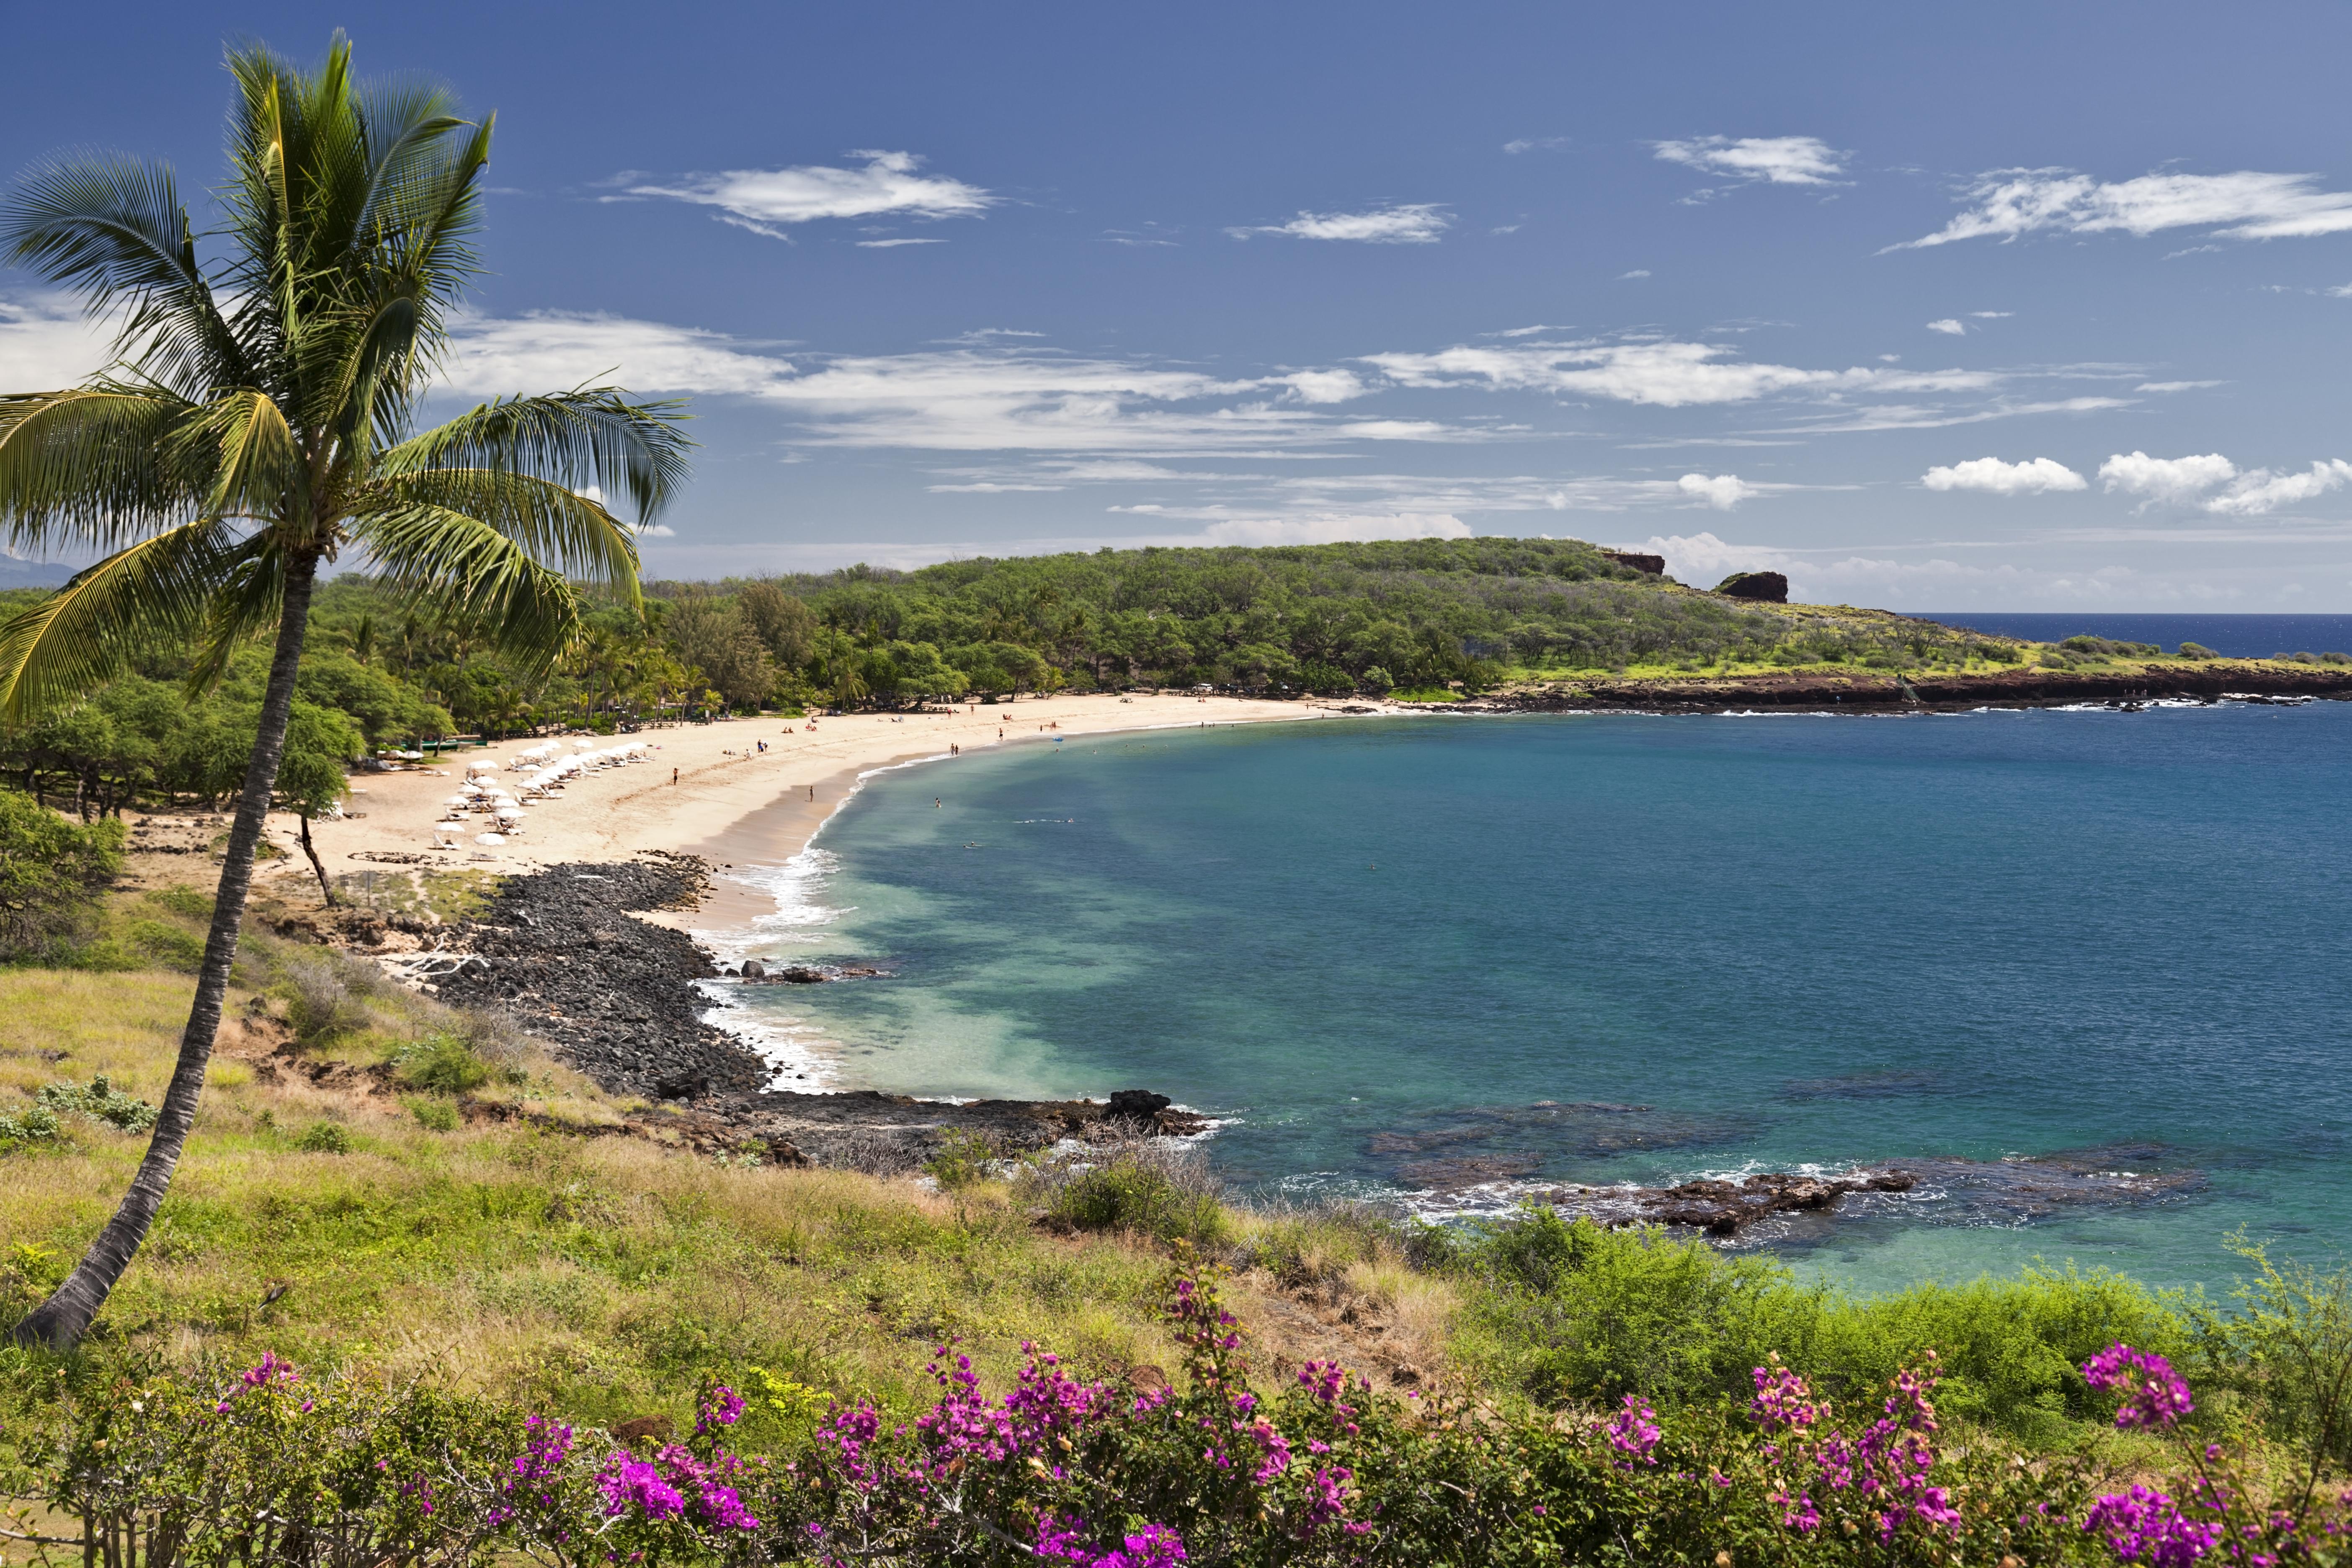 Oahu beach chair rental hawaii beach time - Oahu Beach Chair Rental Hawaii Beach Time 18